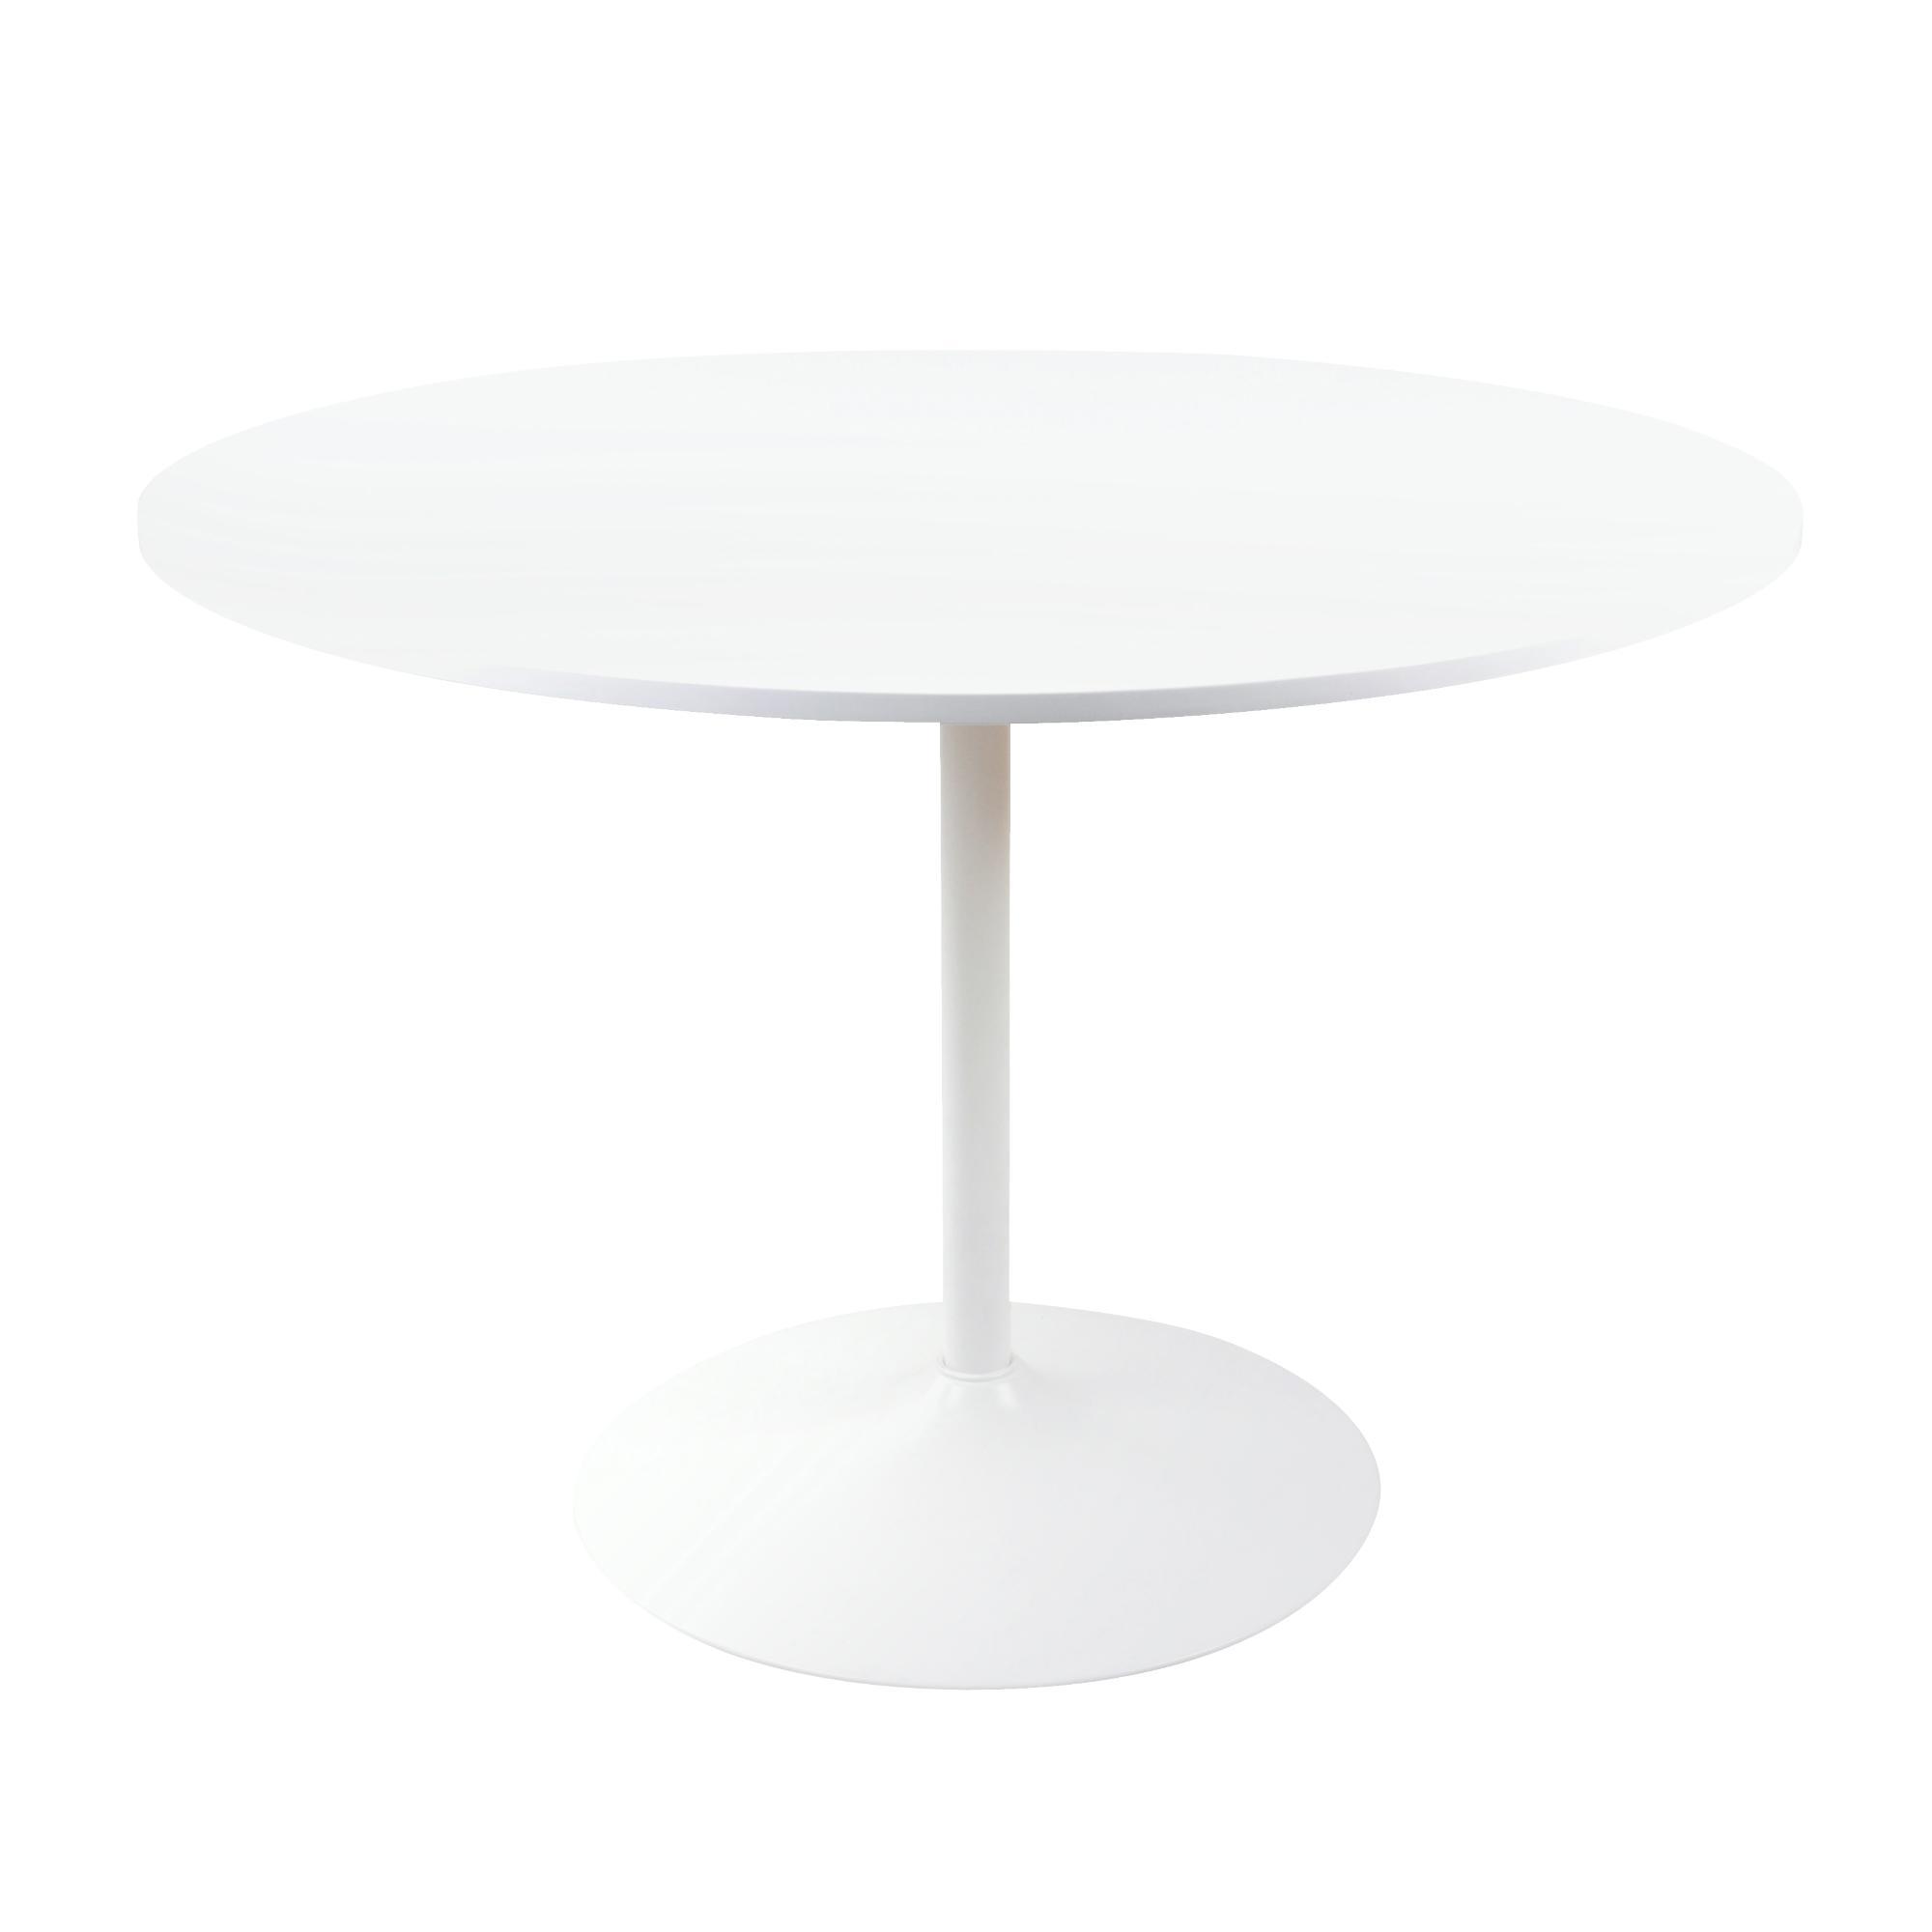 Pasadena Dining Table (White)